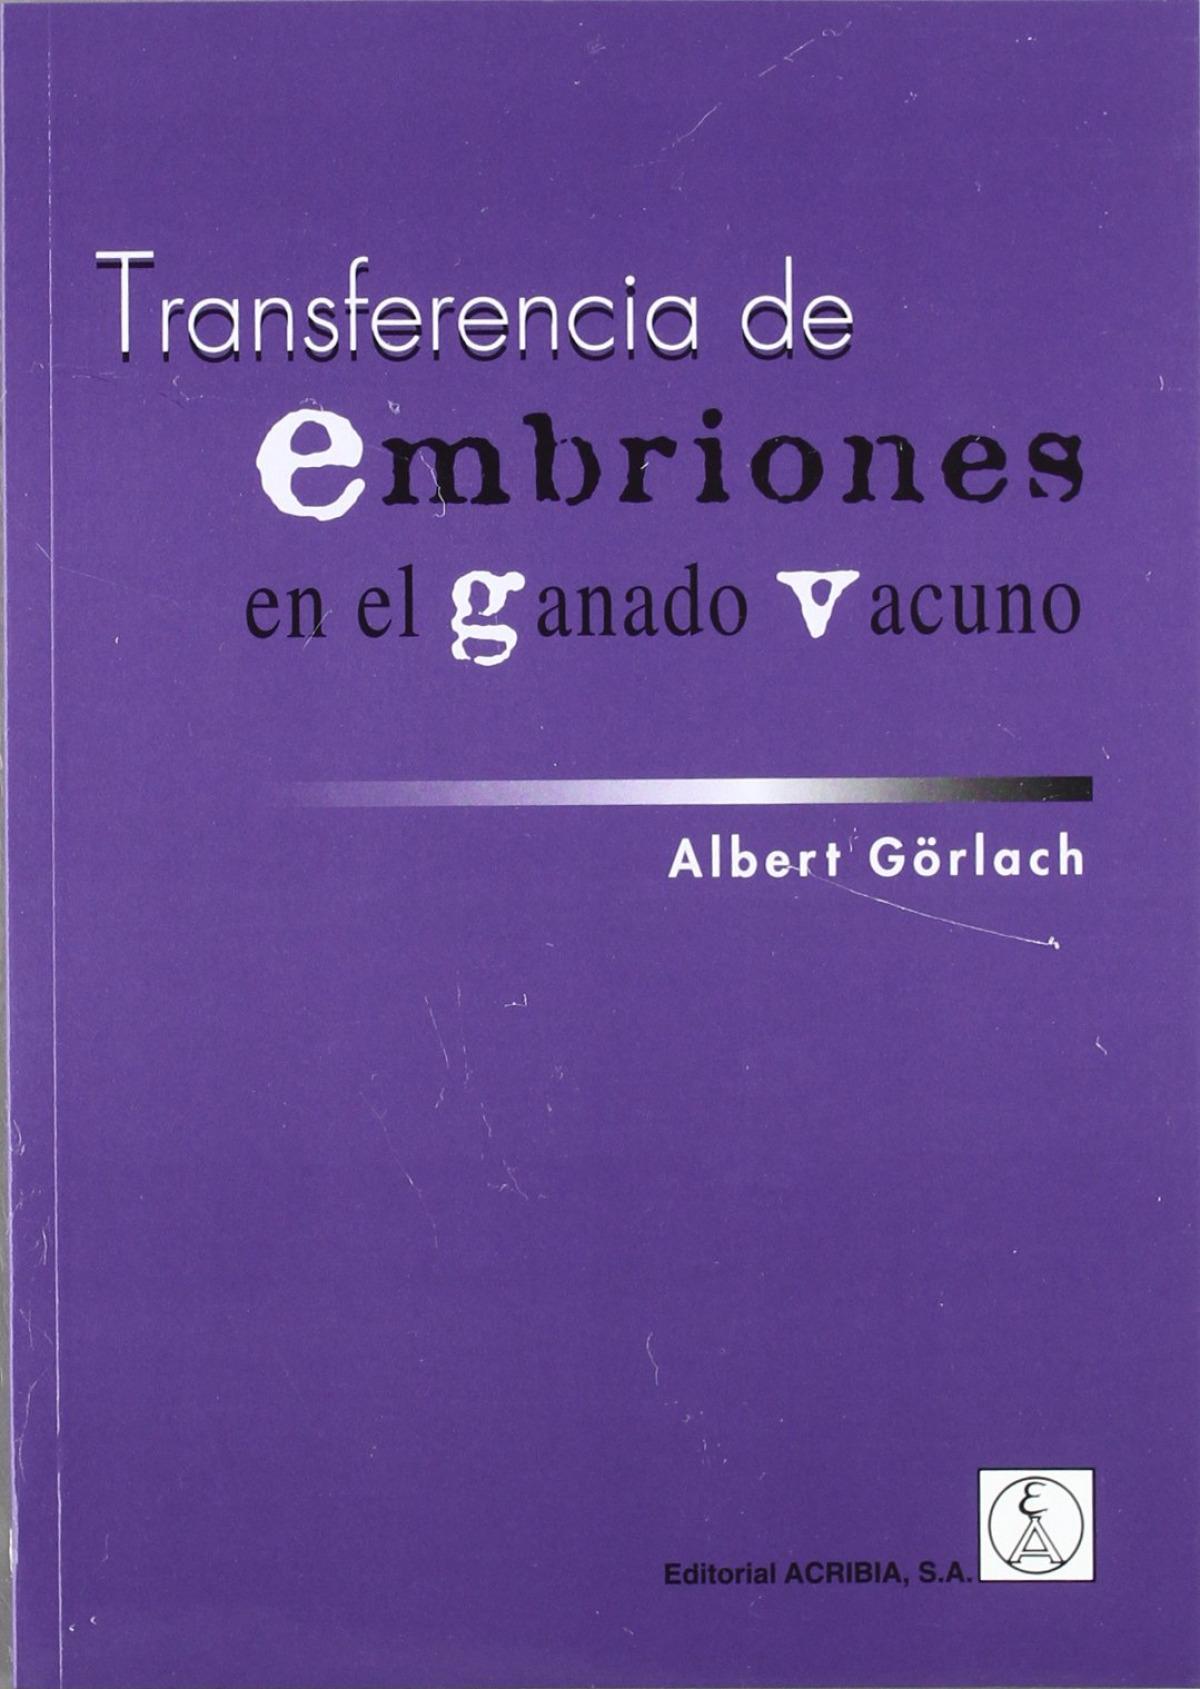 TRANSFERENCIA DE EMBRIONES EN EL GANADO VACUNO